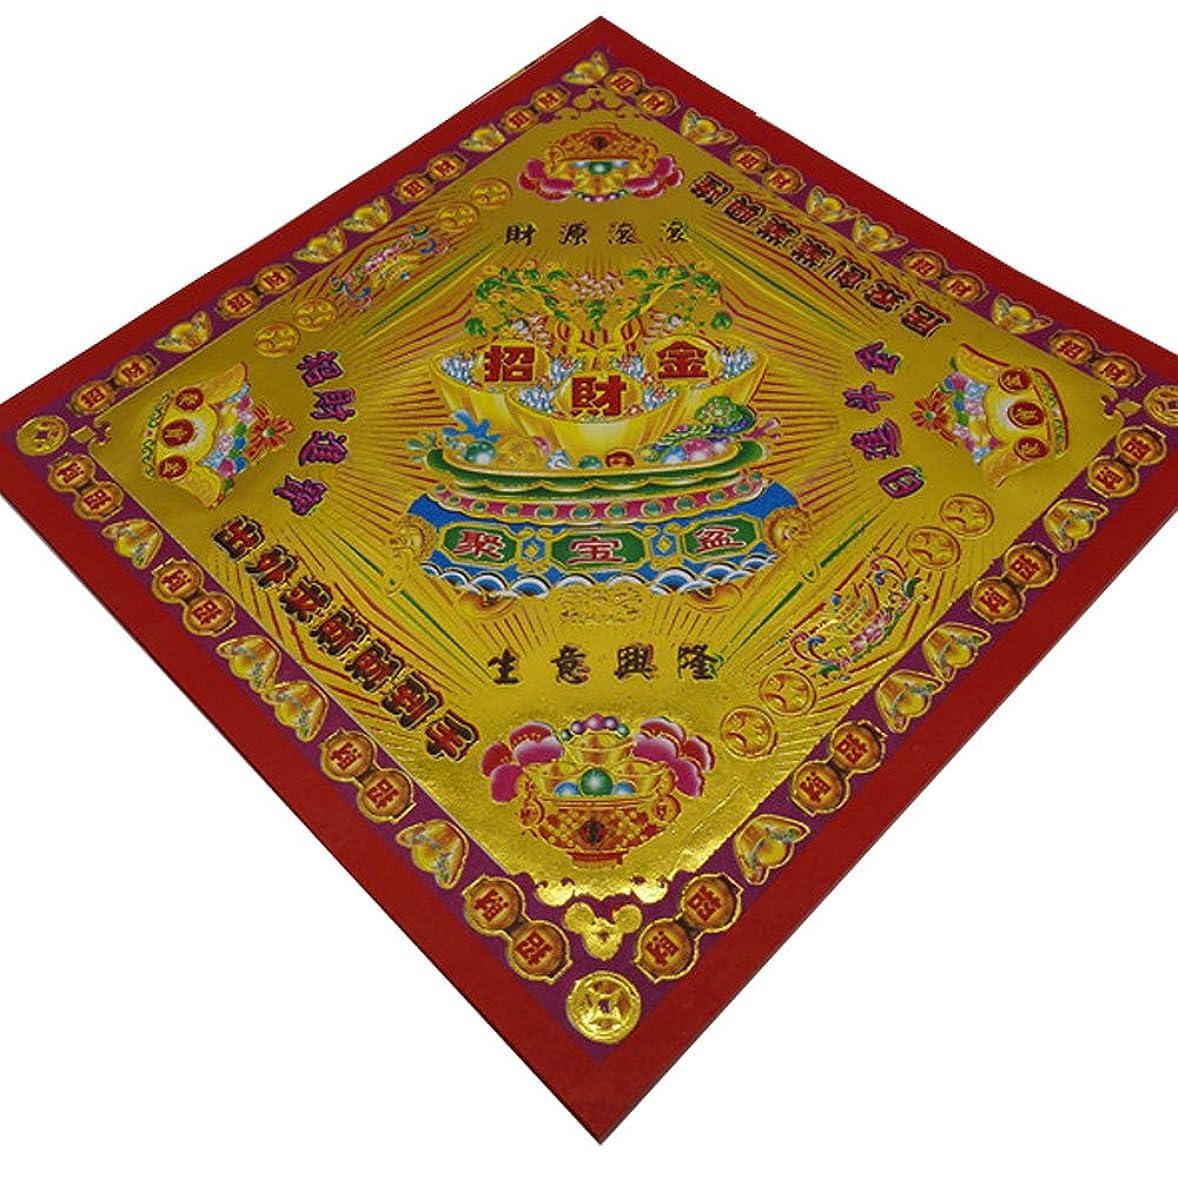 マットレスフラスコあごzeestar 40個Chinese Joss Incense用紙/Incense用紙?–?For Ancestral Worship?–?zhaocaijin